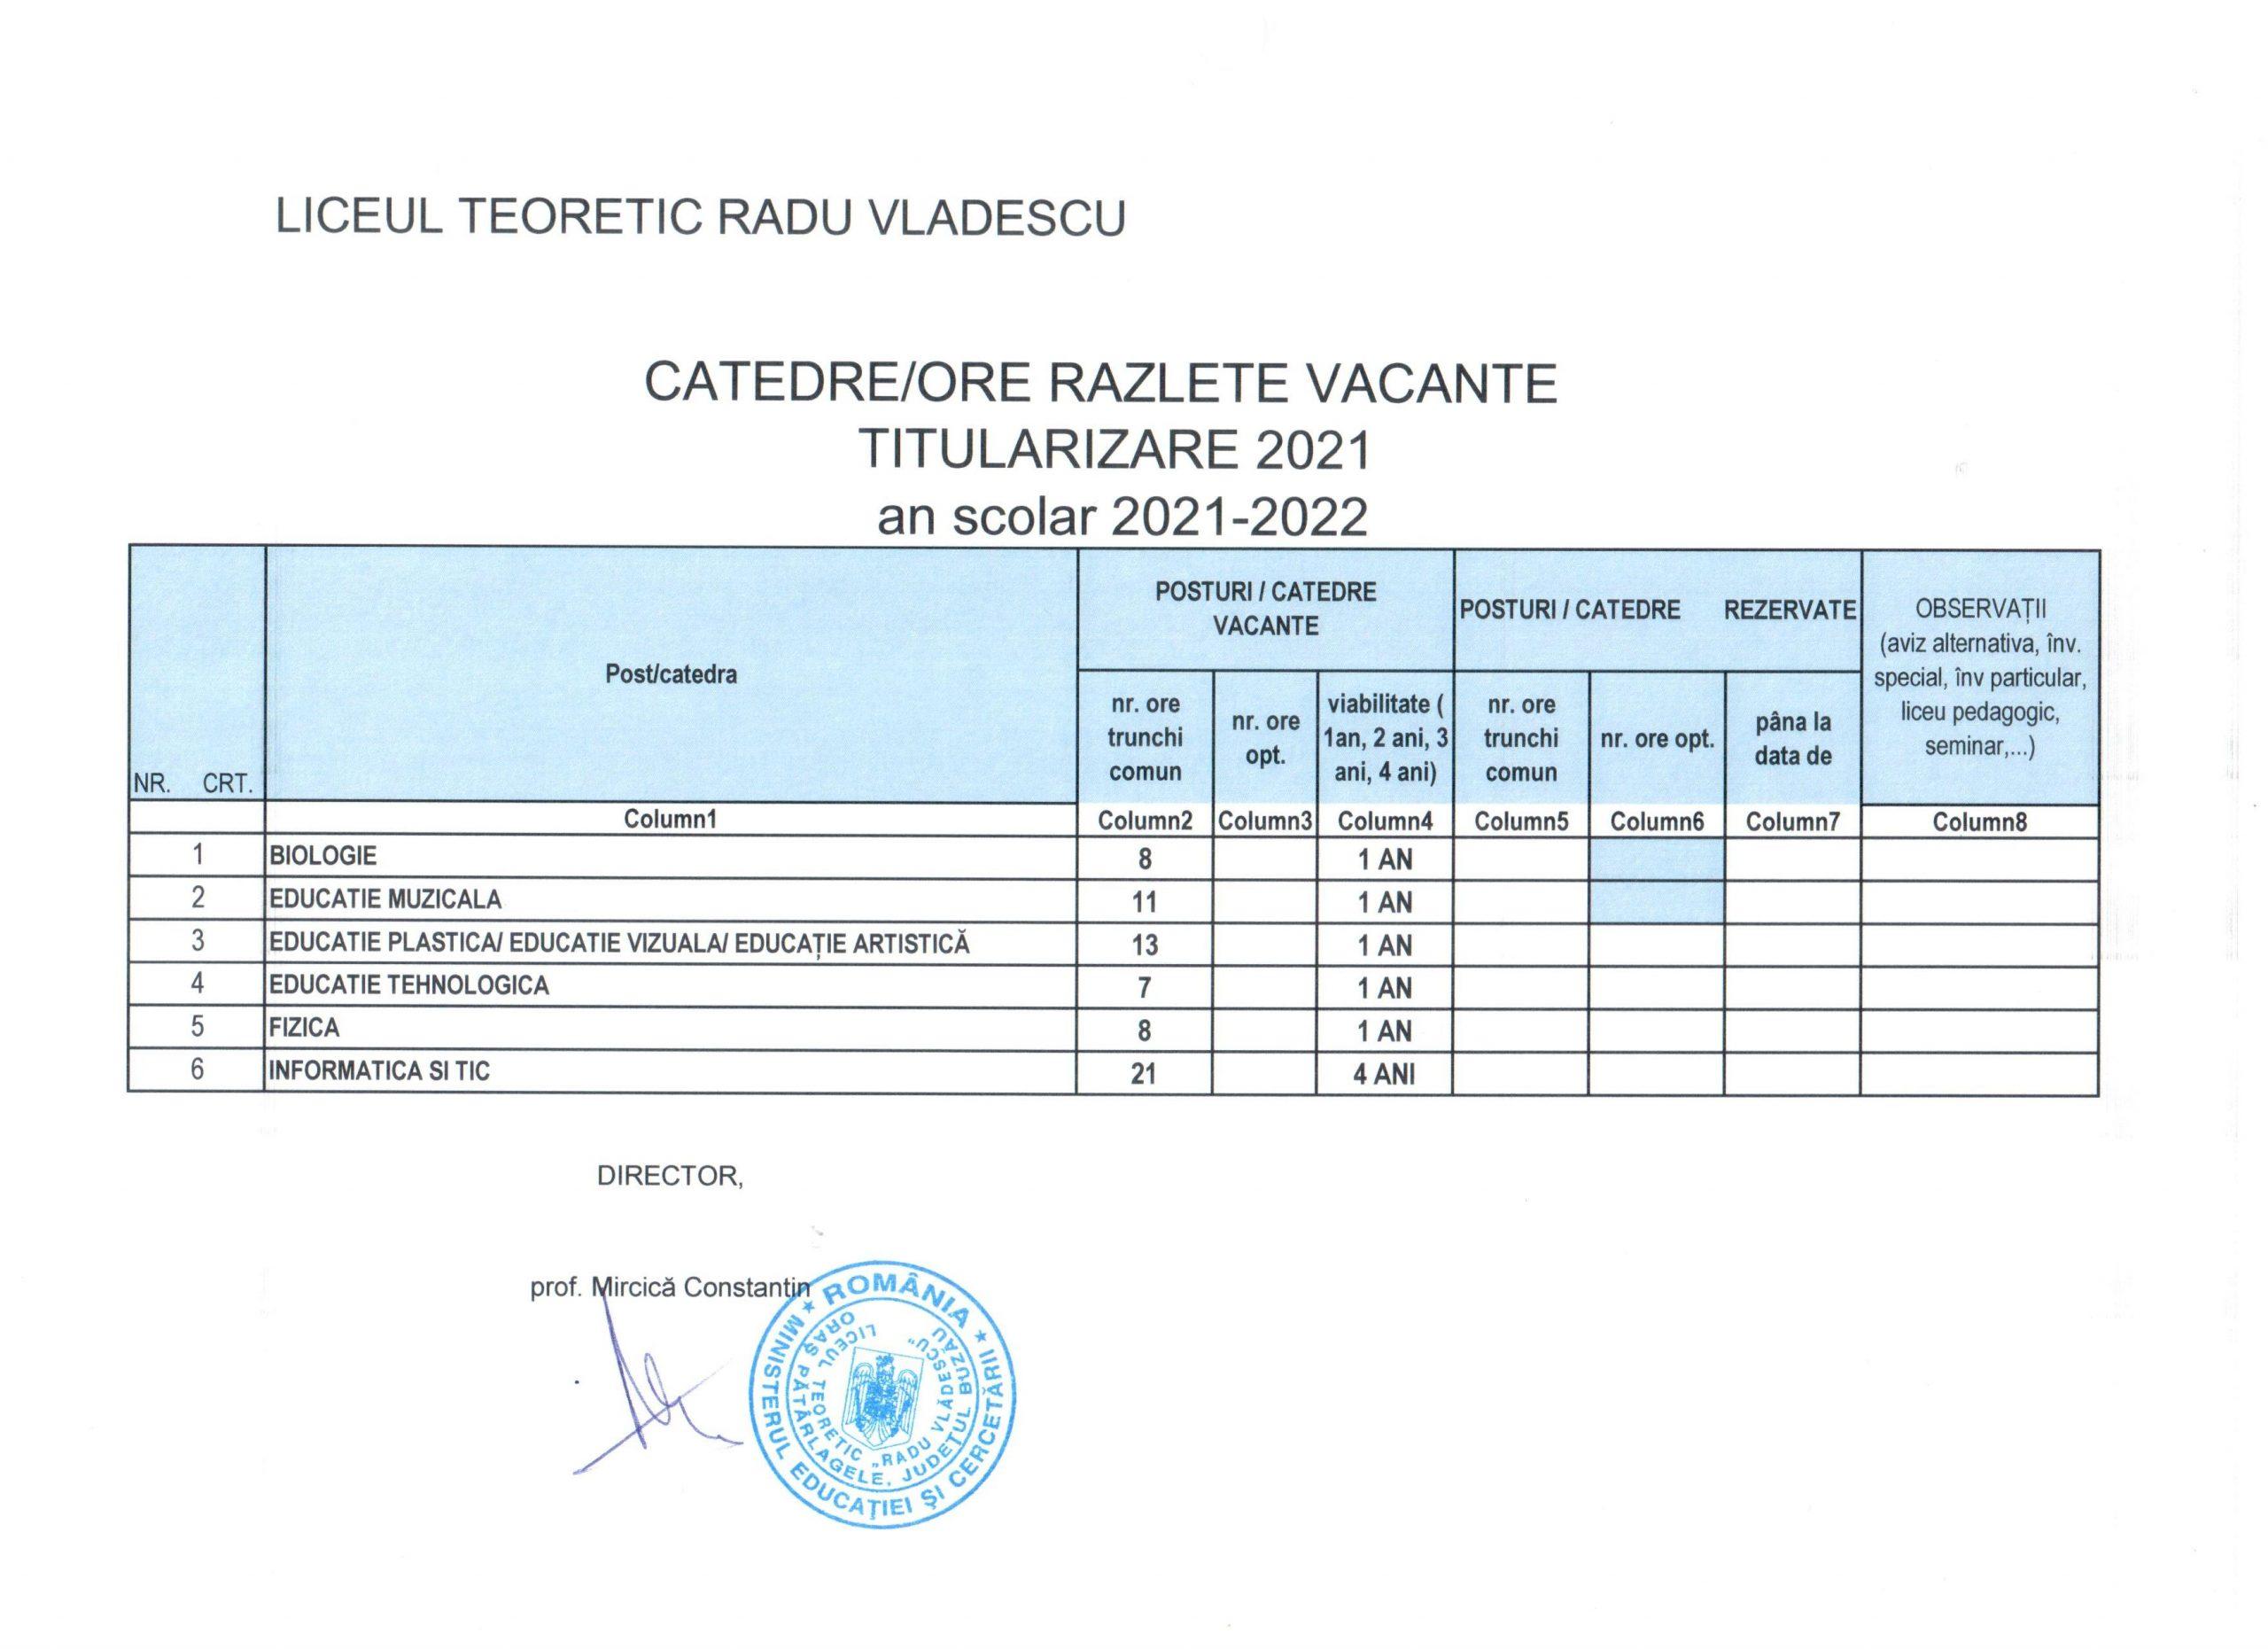 Catedre/ore razlete vacante titularizare 2021 an scolar 2021-2022